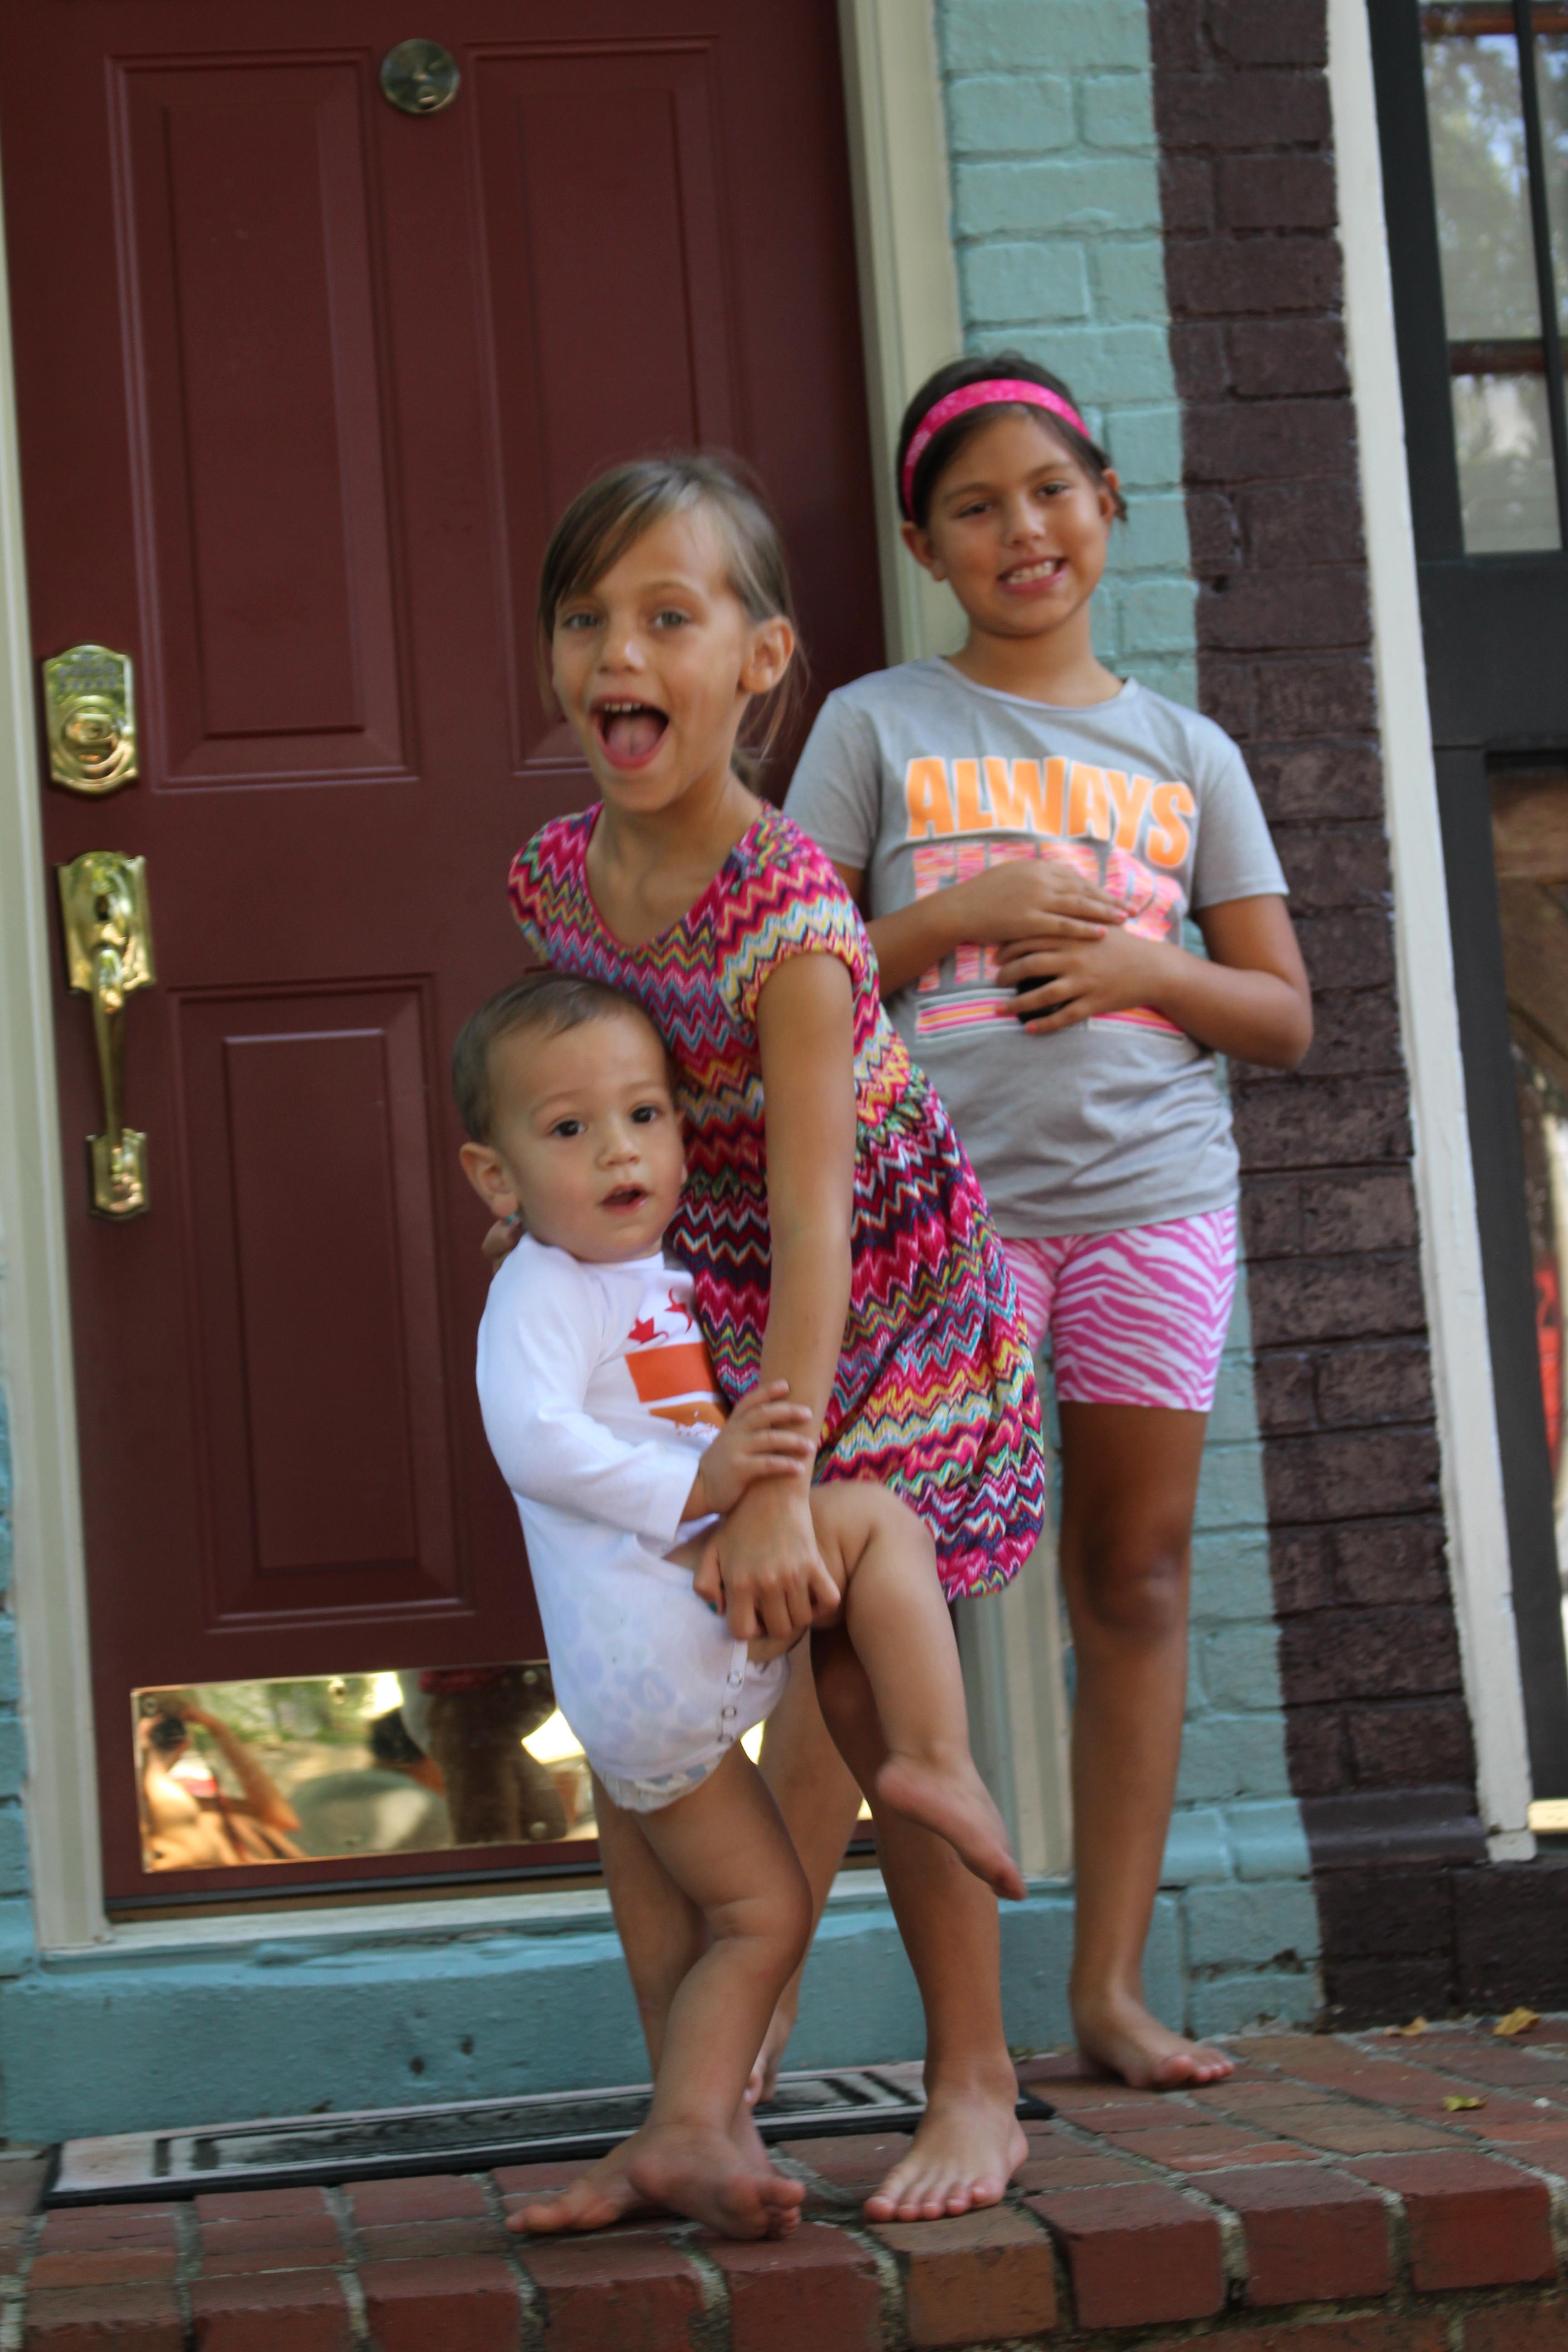 Sibling photo props